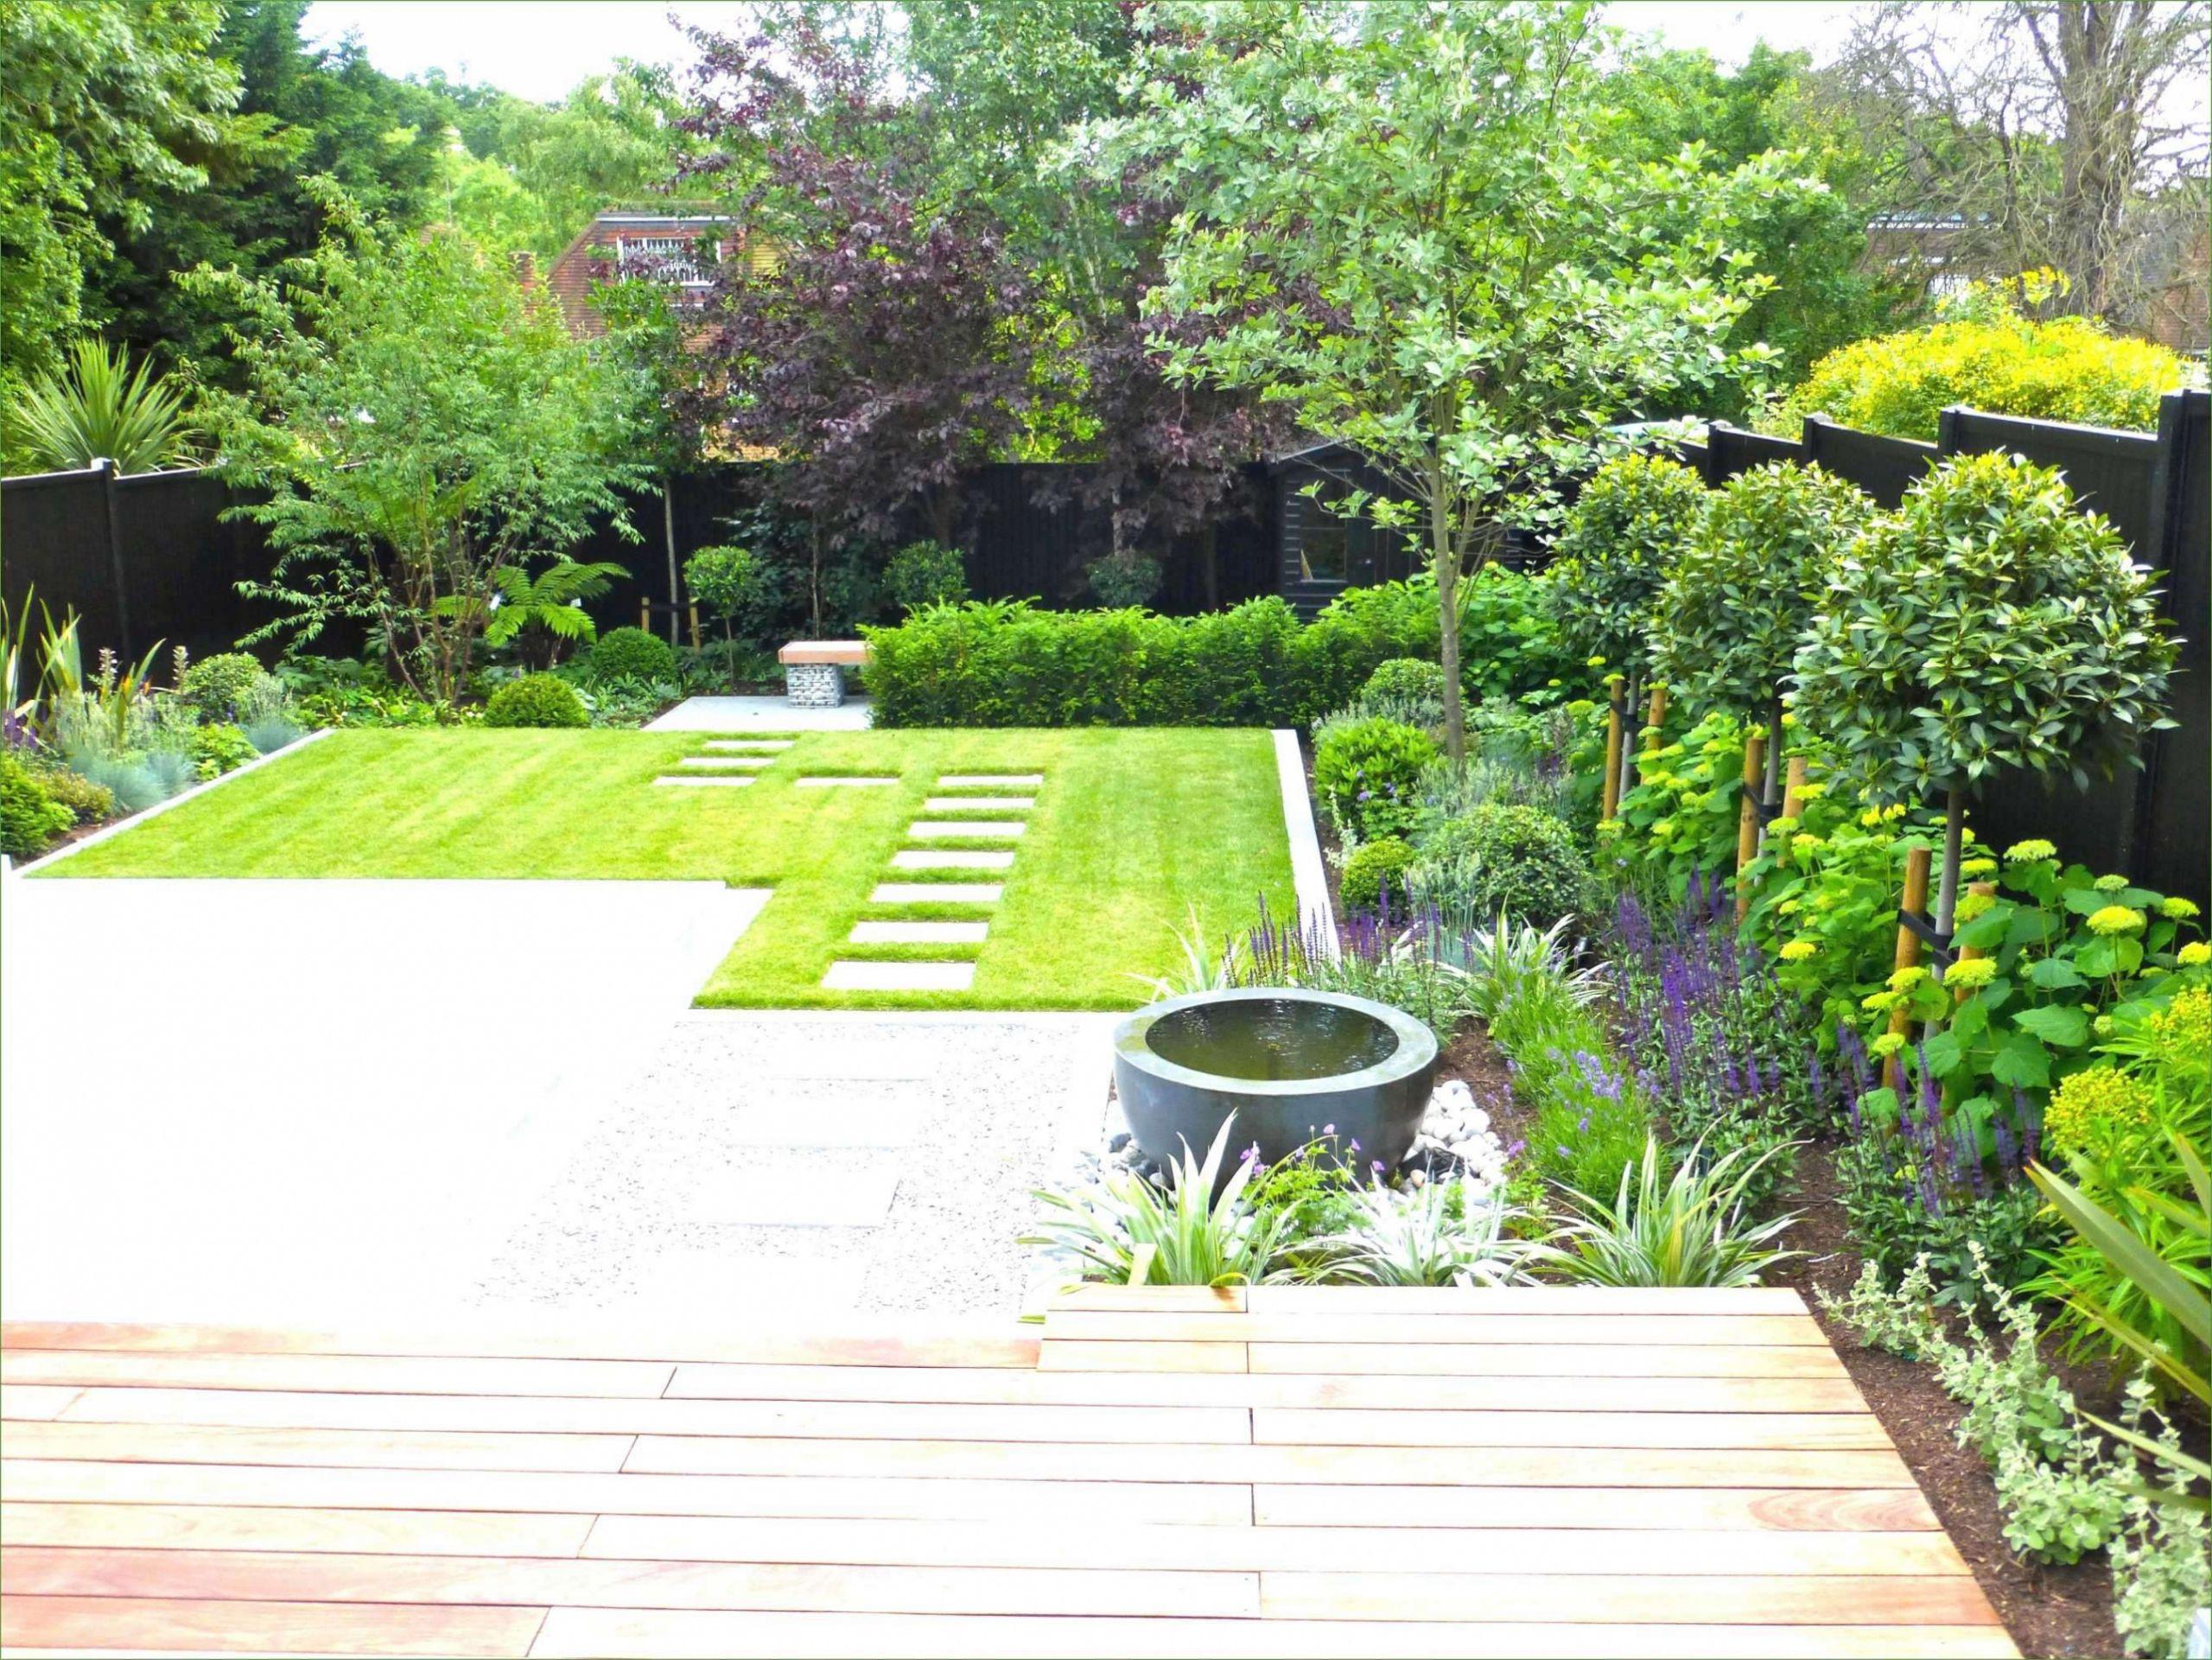 Deko Ideen Mit Steinen Im Garten Luxus Gartengestaltung Ideen Mit Steinen — Temobardz Home Blog